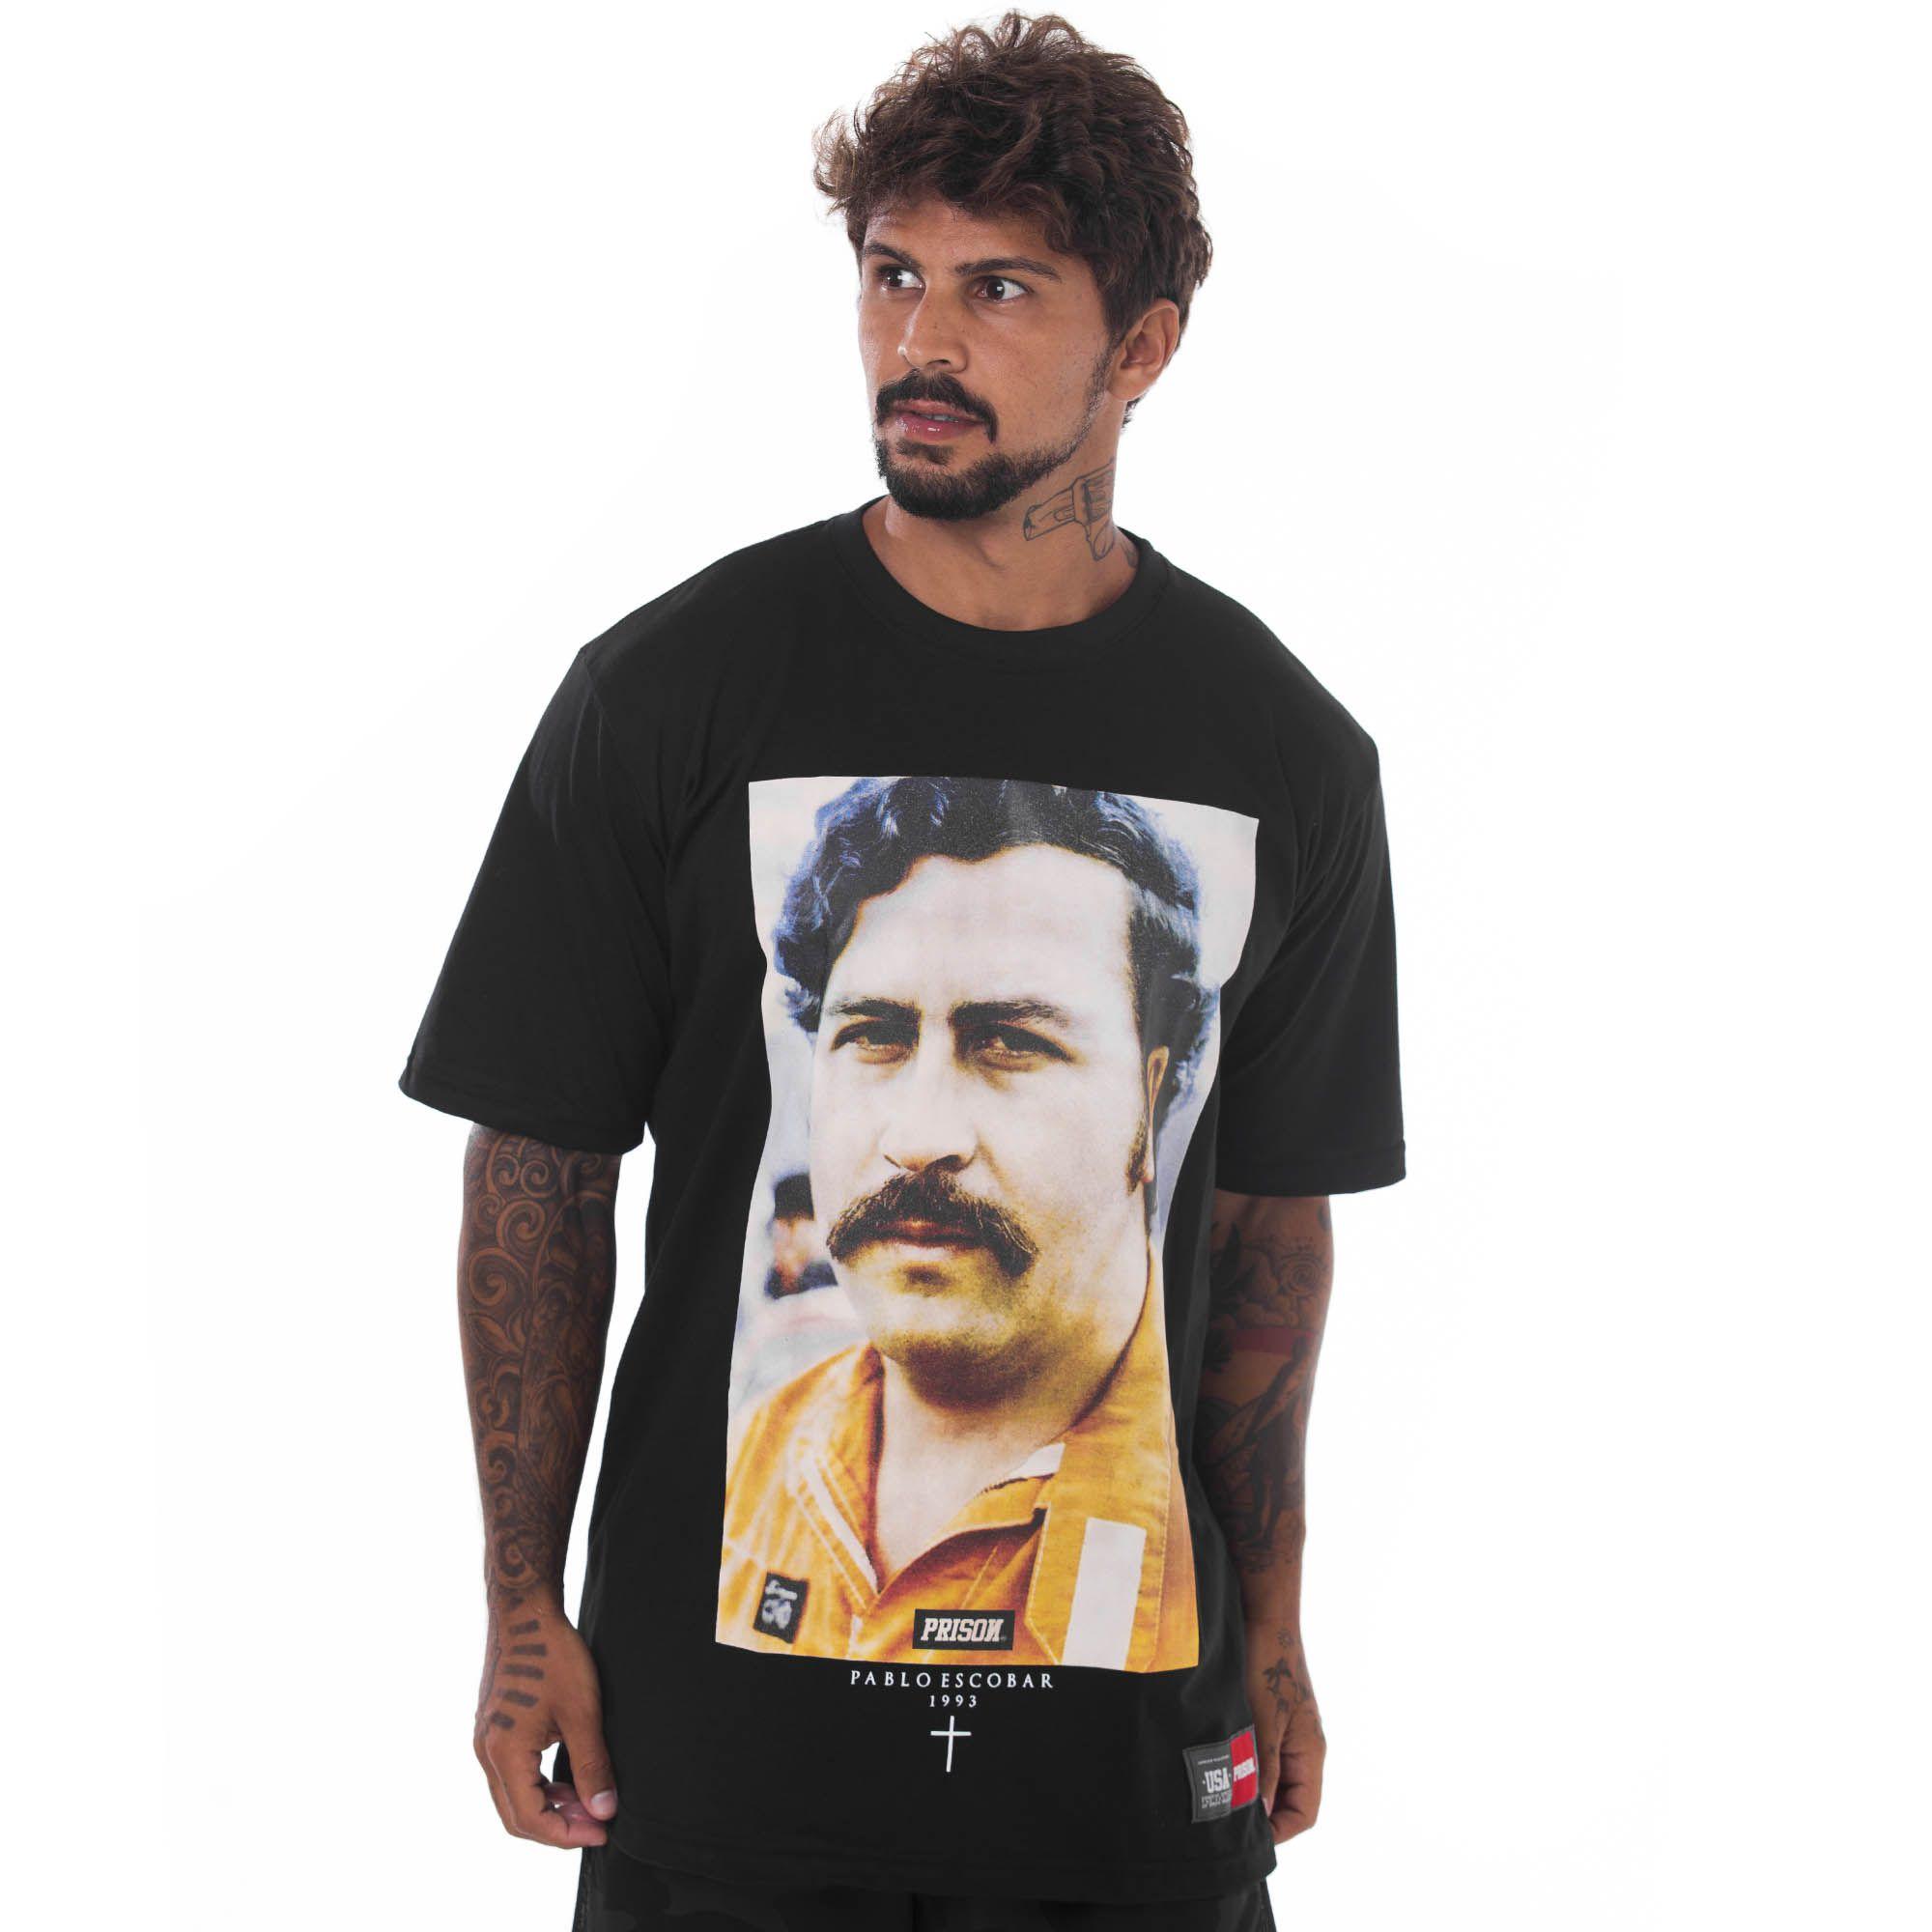 Camiseta Prison Pablo Escobar Preta